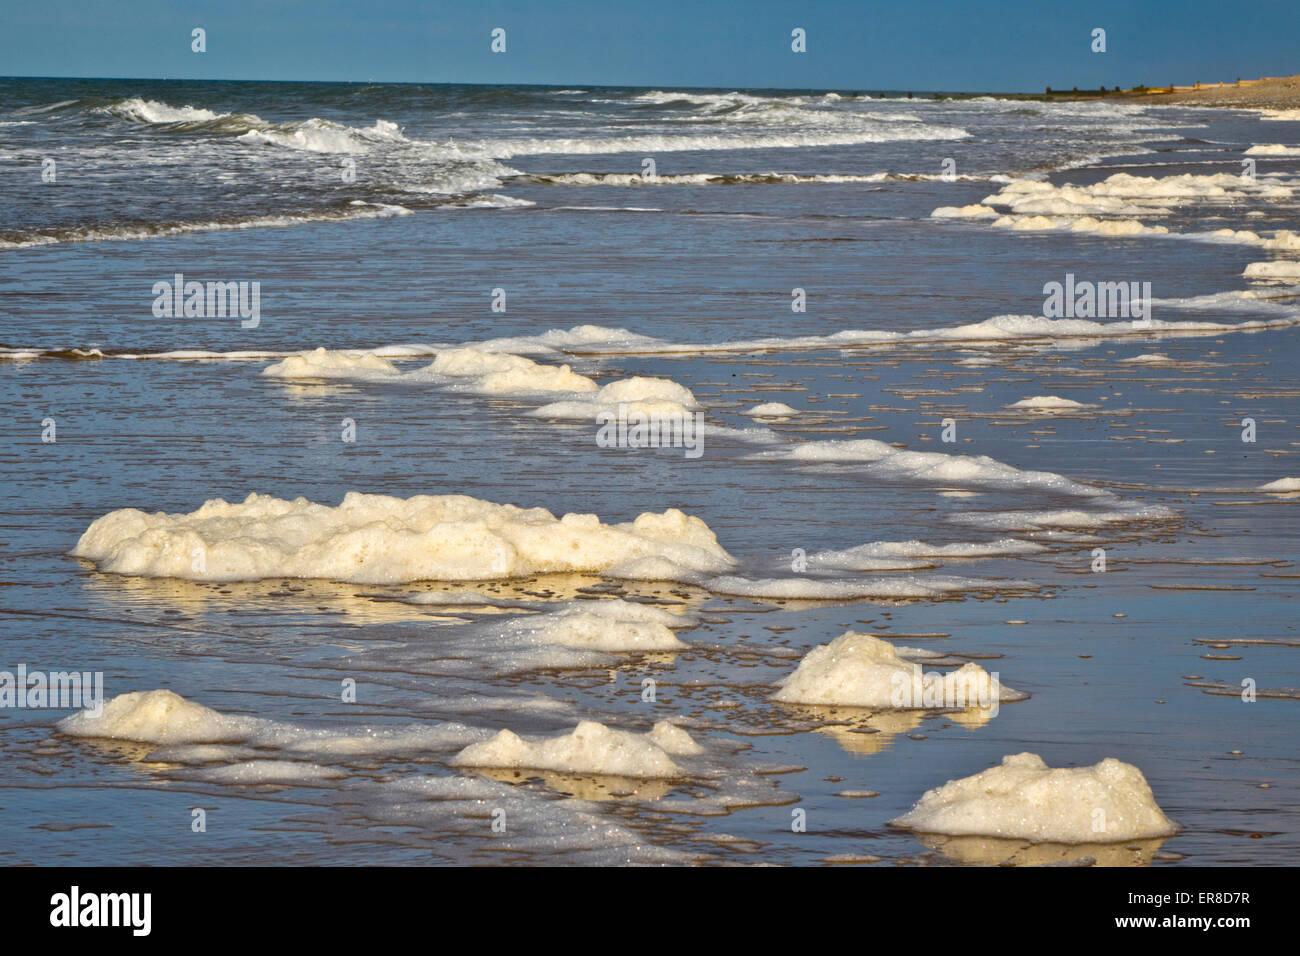 Sea foam, ocean foam, beach foam, or spume - Stock Image